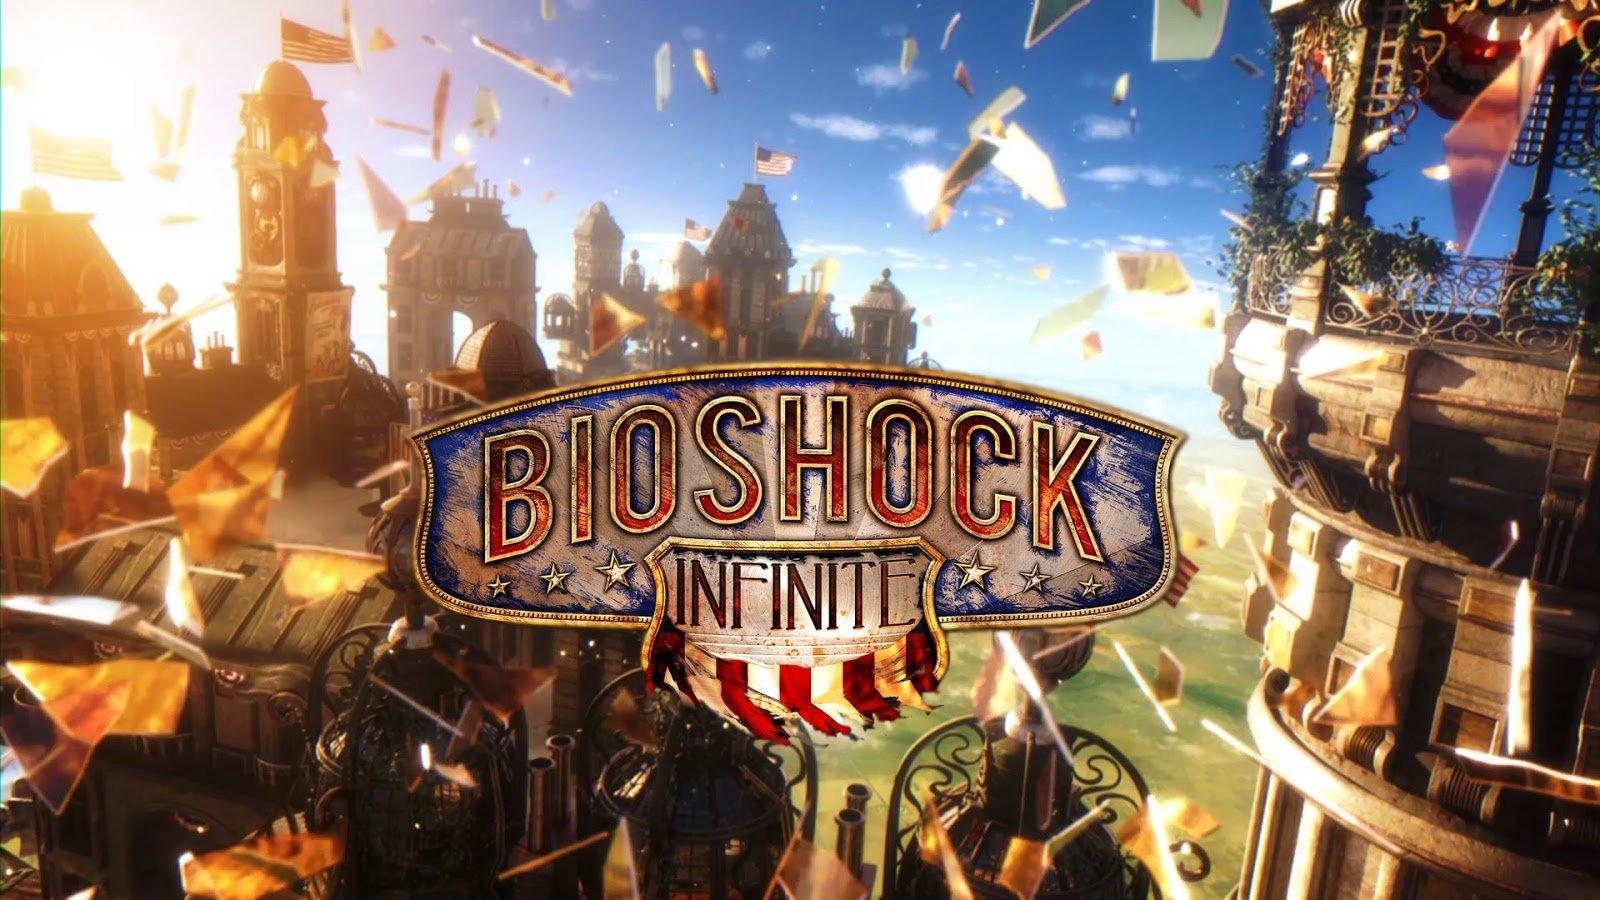 BioShock: Infinite  Когда вышла эта игра,и люди хоть немного успели в нее поиграть,сразу же пошли хвалебные отзывы о ... - Изображение 1